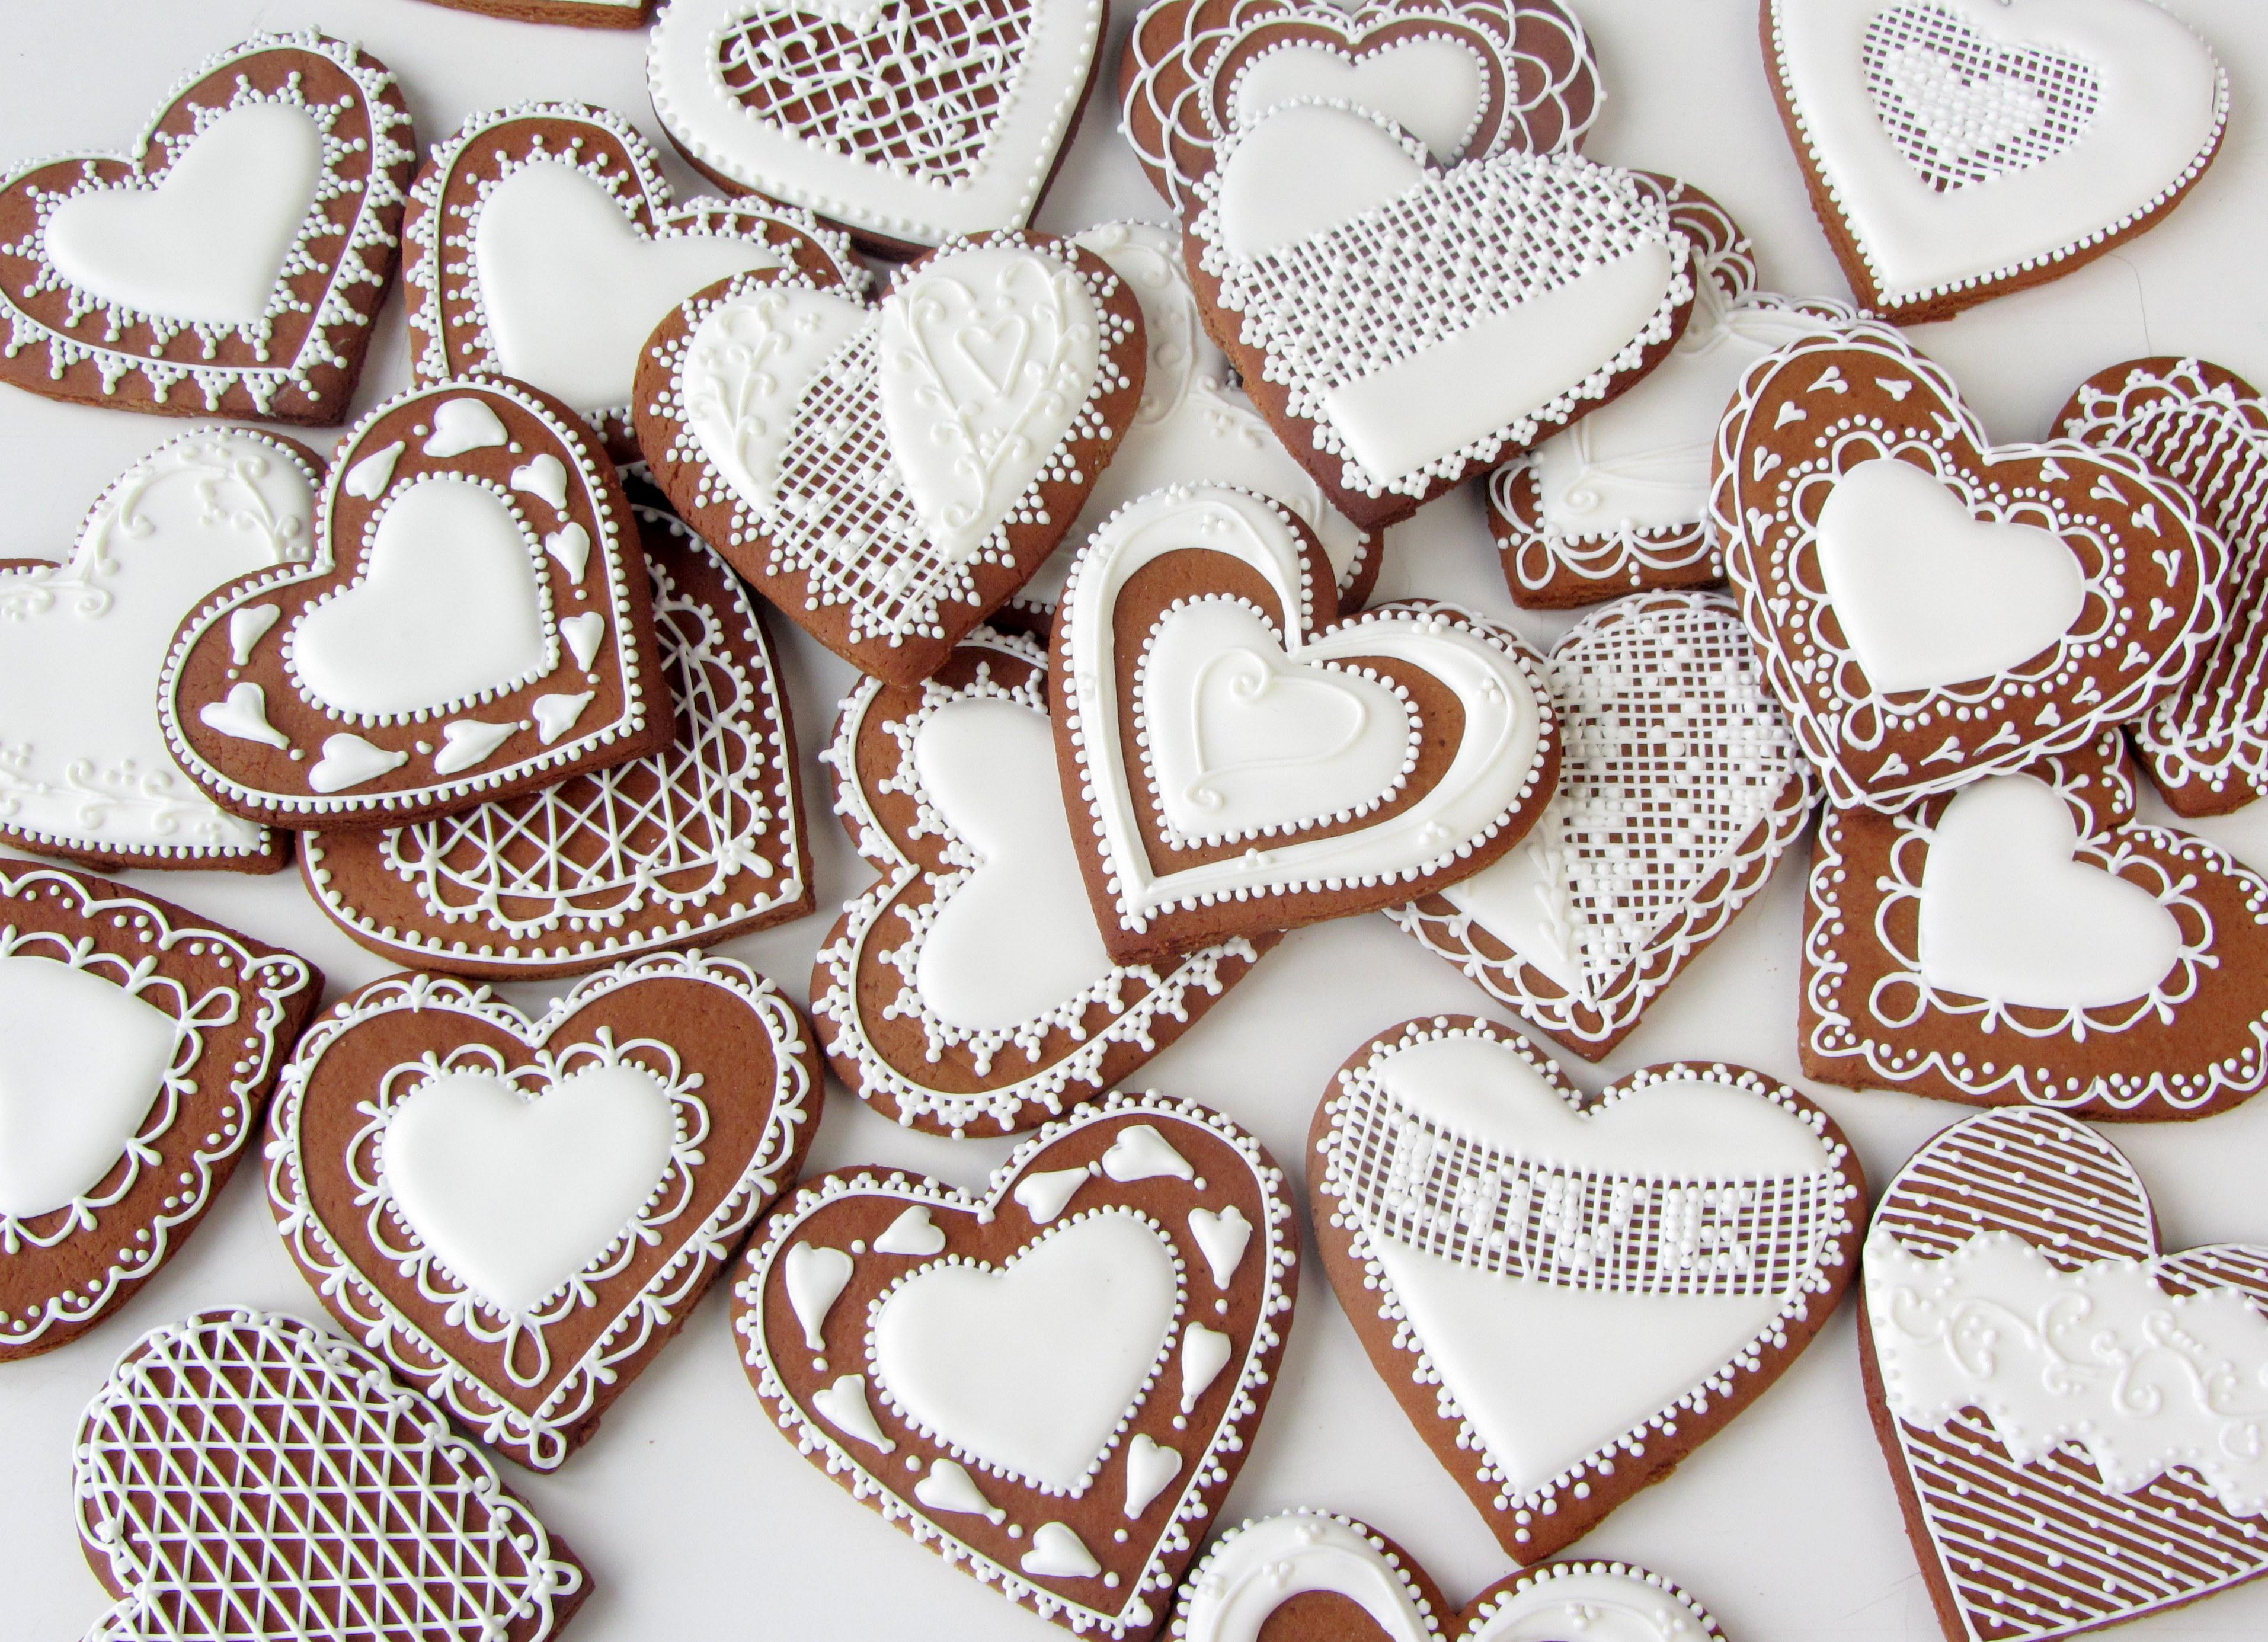 Свадебные пряники еще один из вариантов наполнения бонбоньерок на свадьбу для гостей